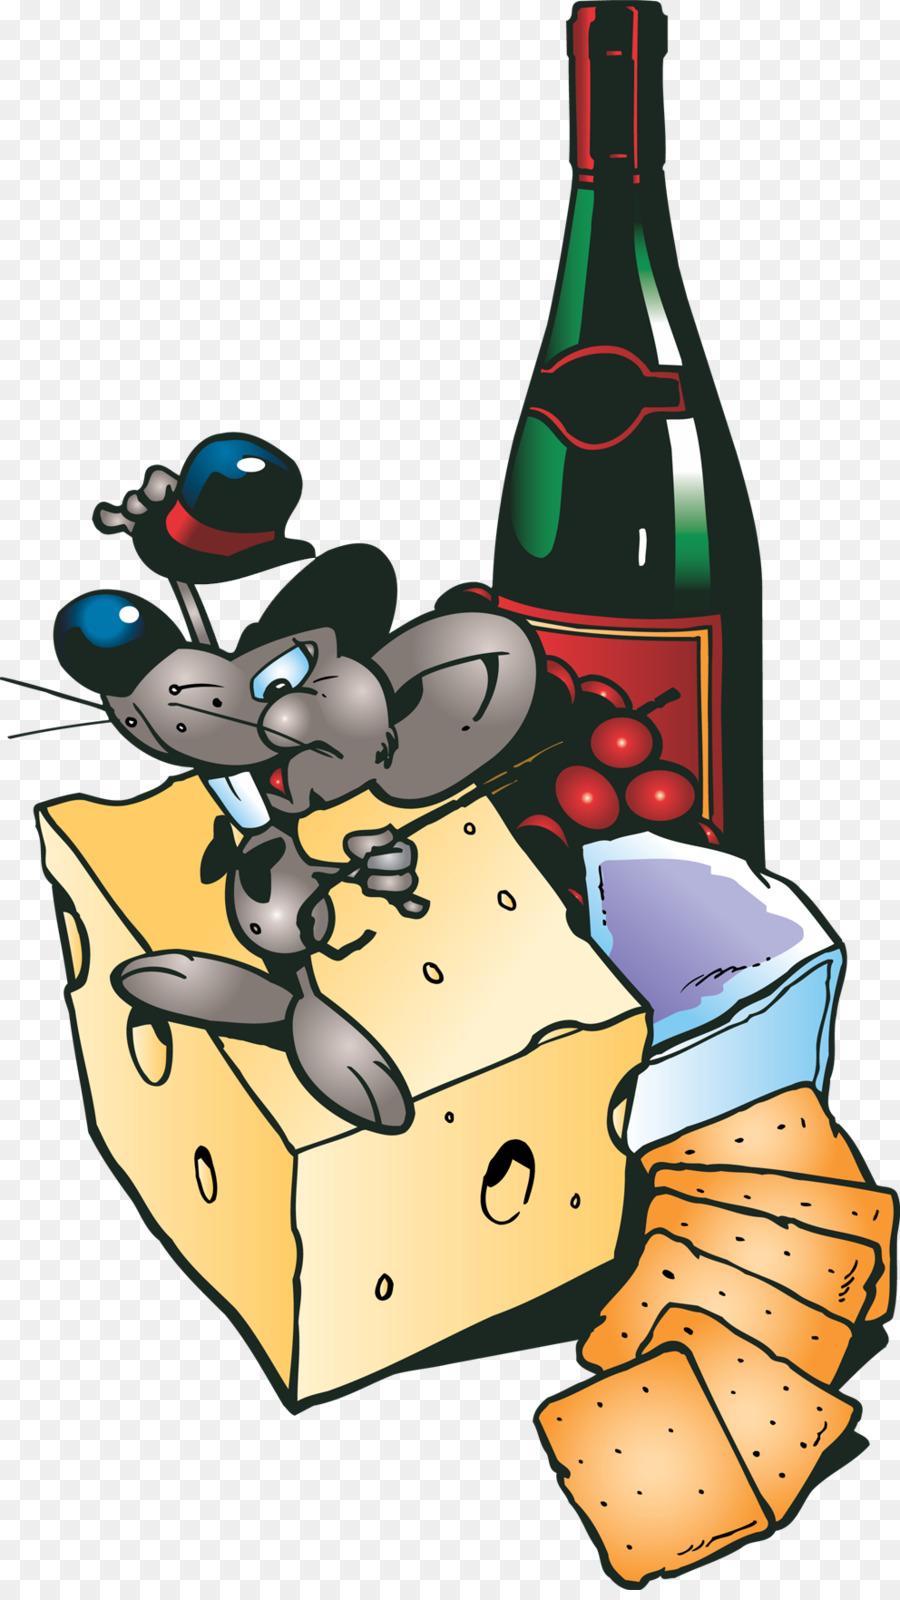 Поздравление с днем рождения мышки картинки